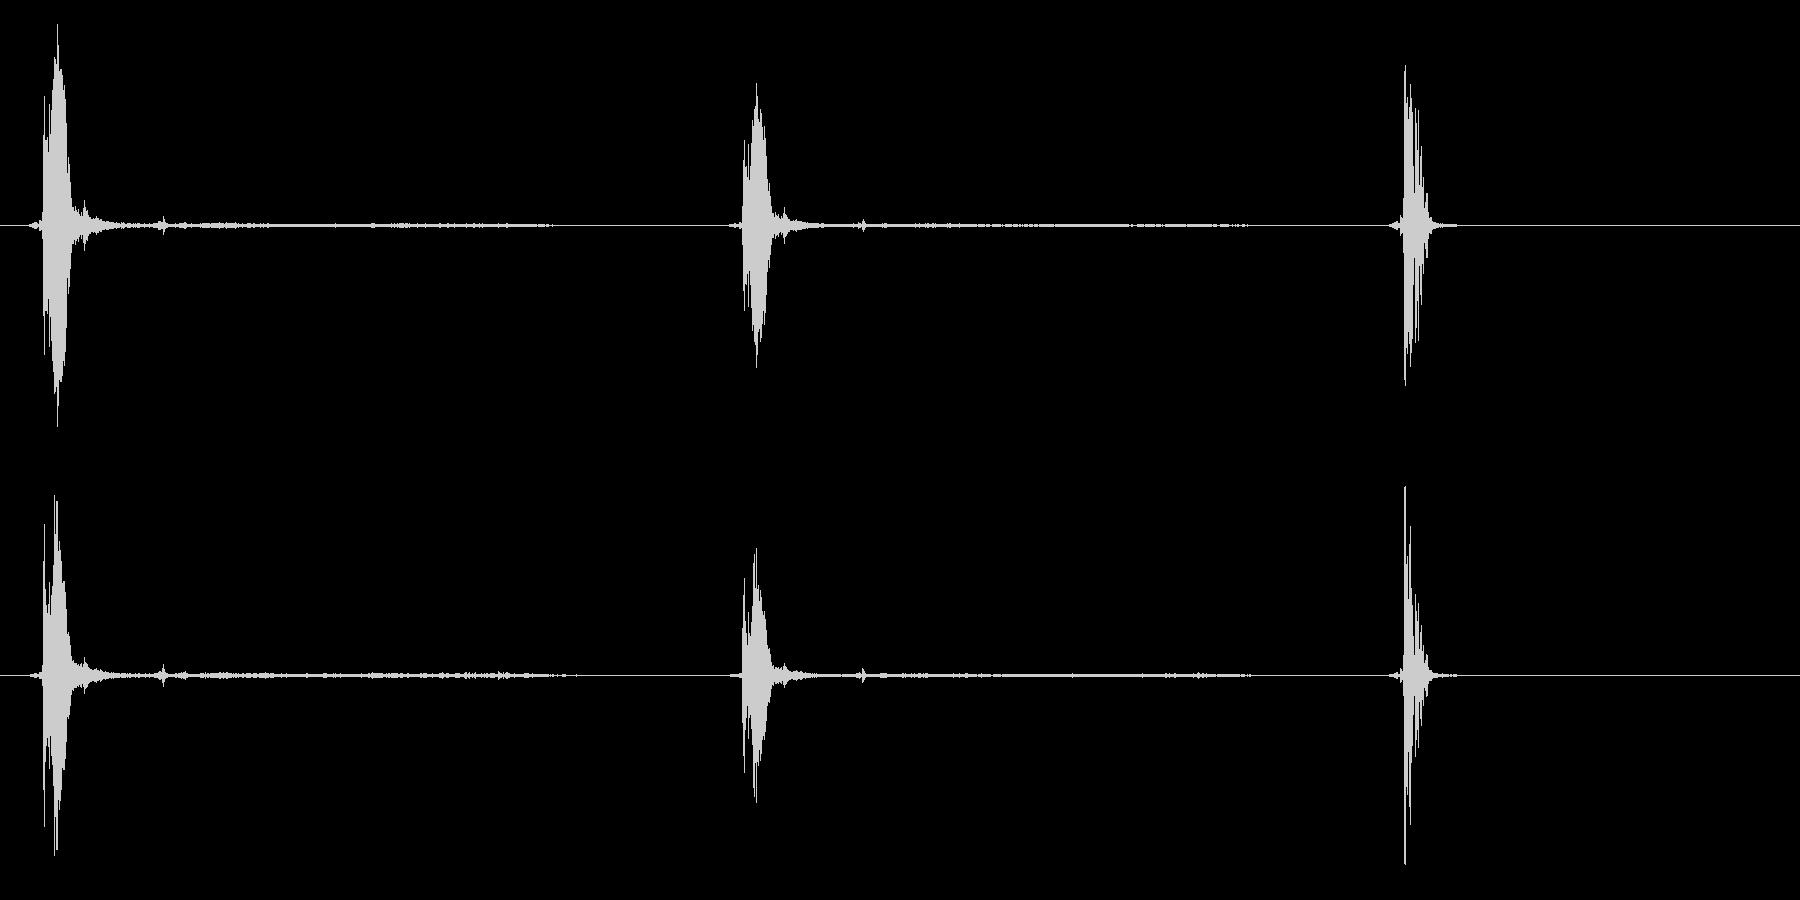 M-1タンクキャノン:リコイル(内...の未再生の波形